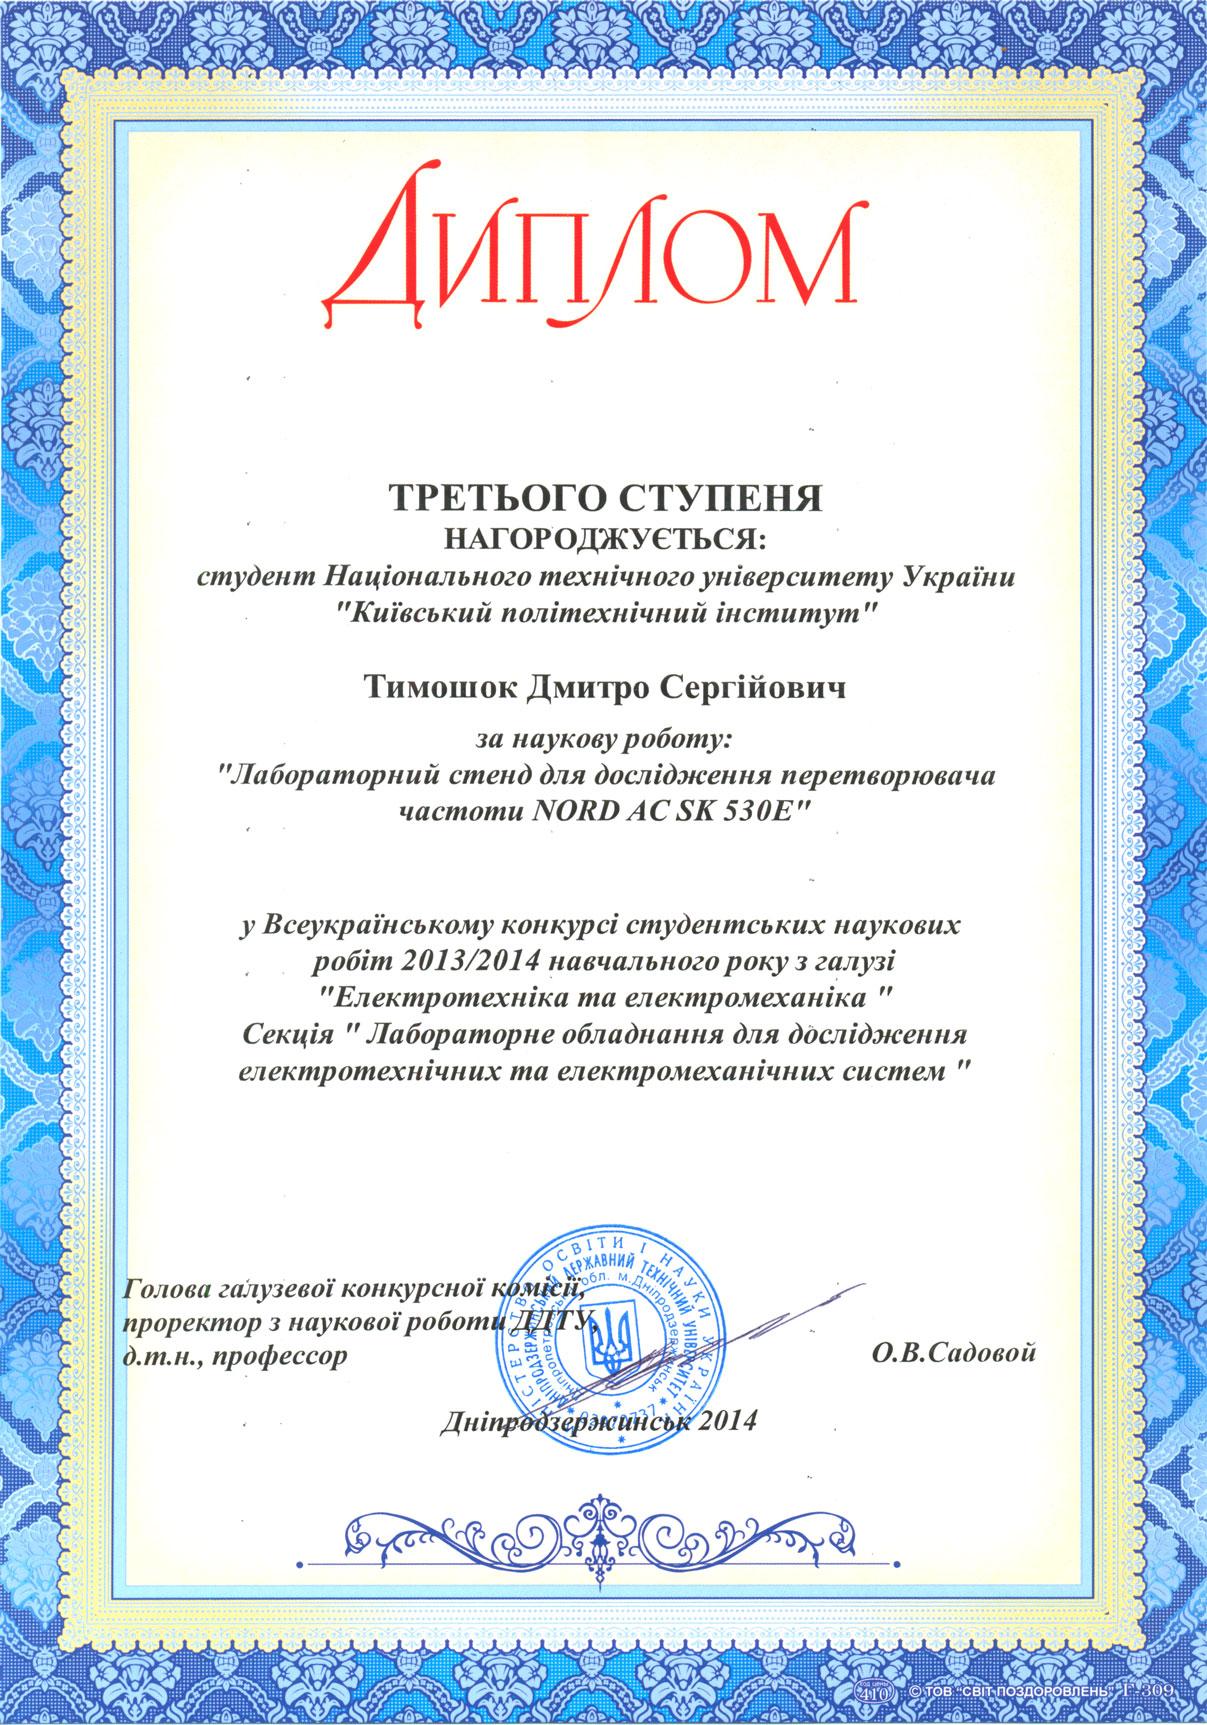 Всеукраїнський конкурс студентських наукових робіт 2014 diplom_dima